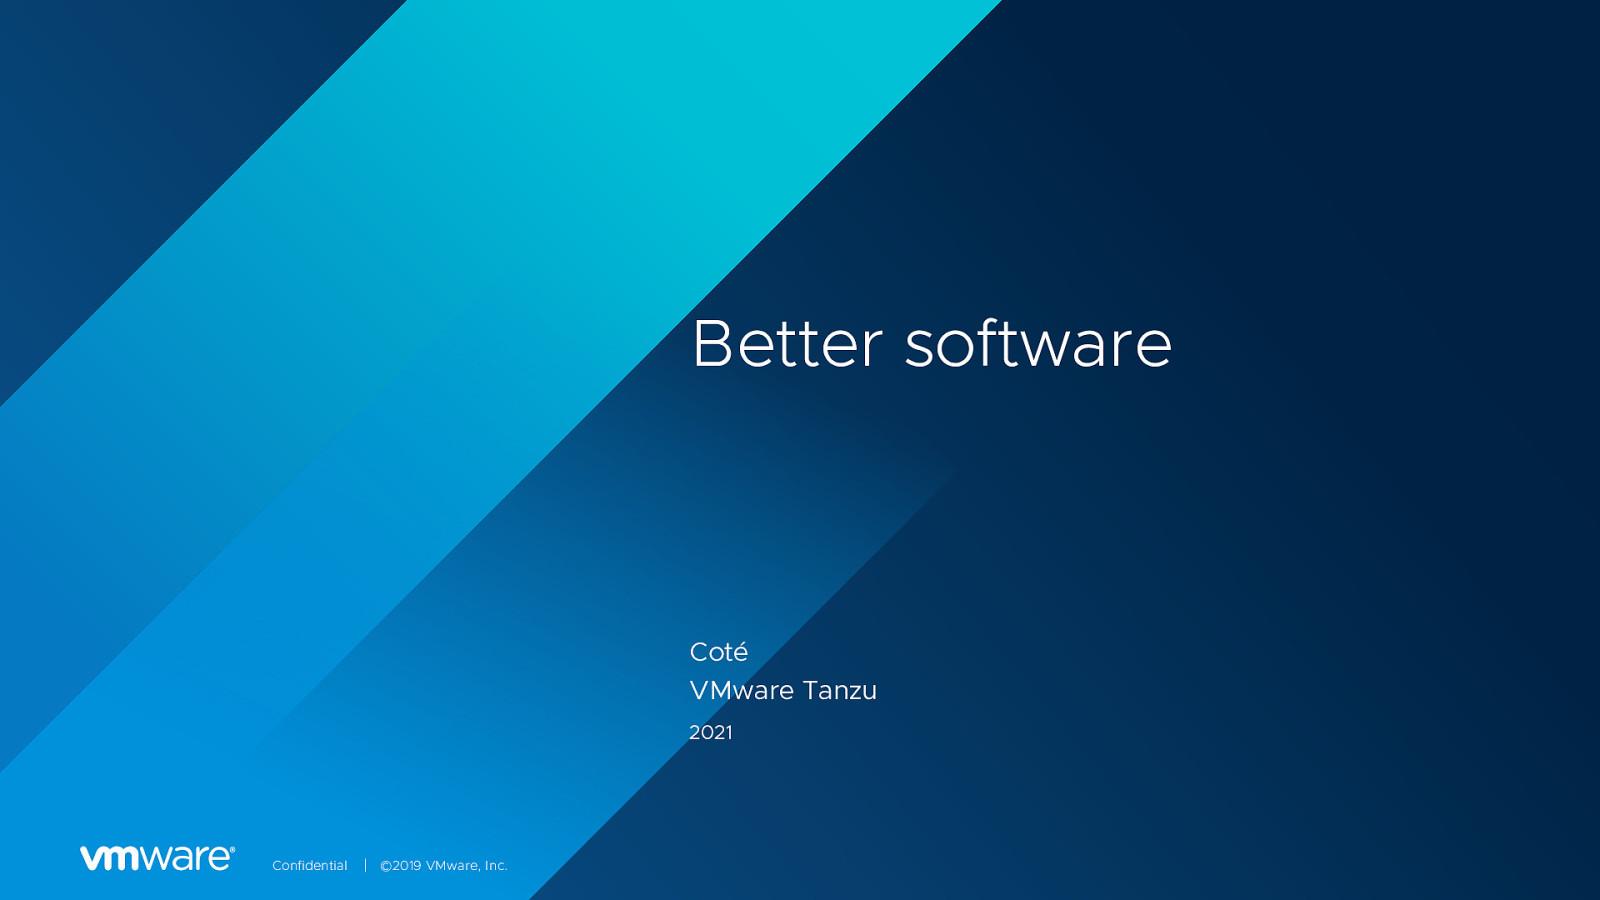 Better software